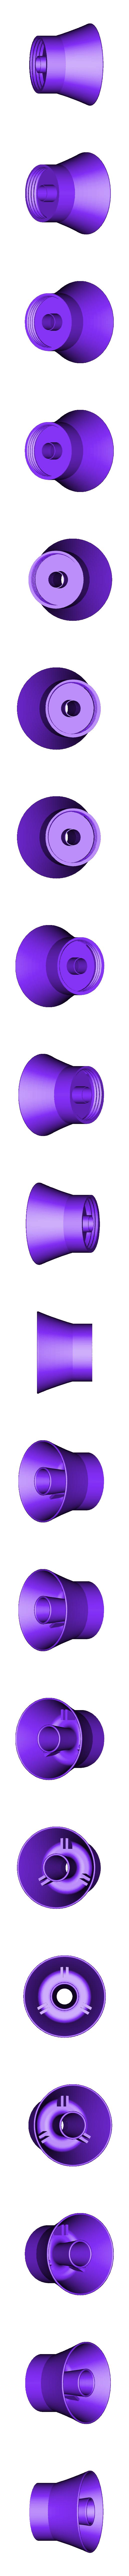 Horn_reentrant_small_base.stl Télécharger fichier STL gratuit Klaxon MP3 pour vélo • Modèle pour impression 3D, mschiller